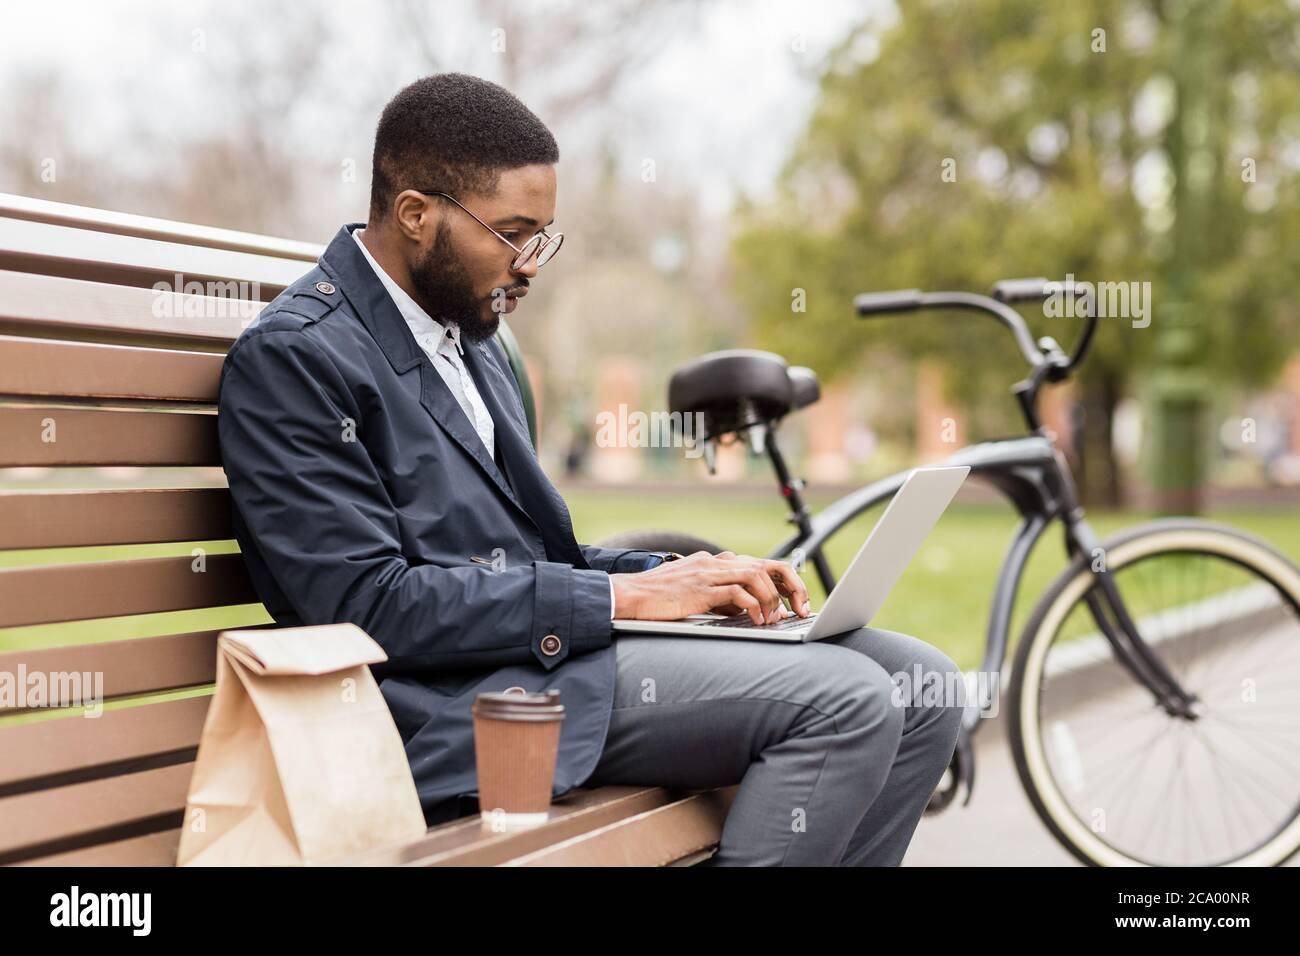 Beau directeur travaillant sur ordinateur portable dans le parc au printemps Banque D'Images